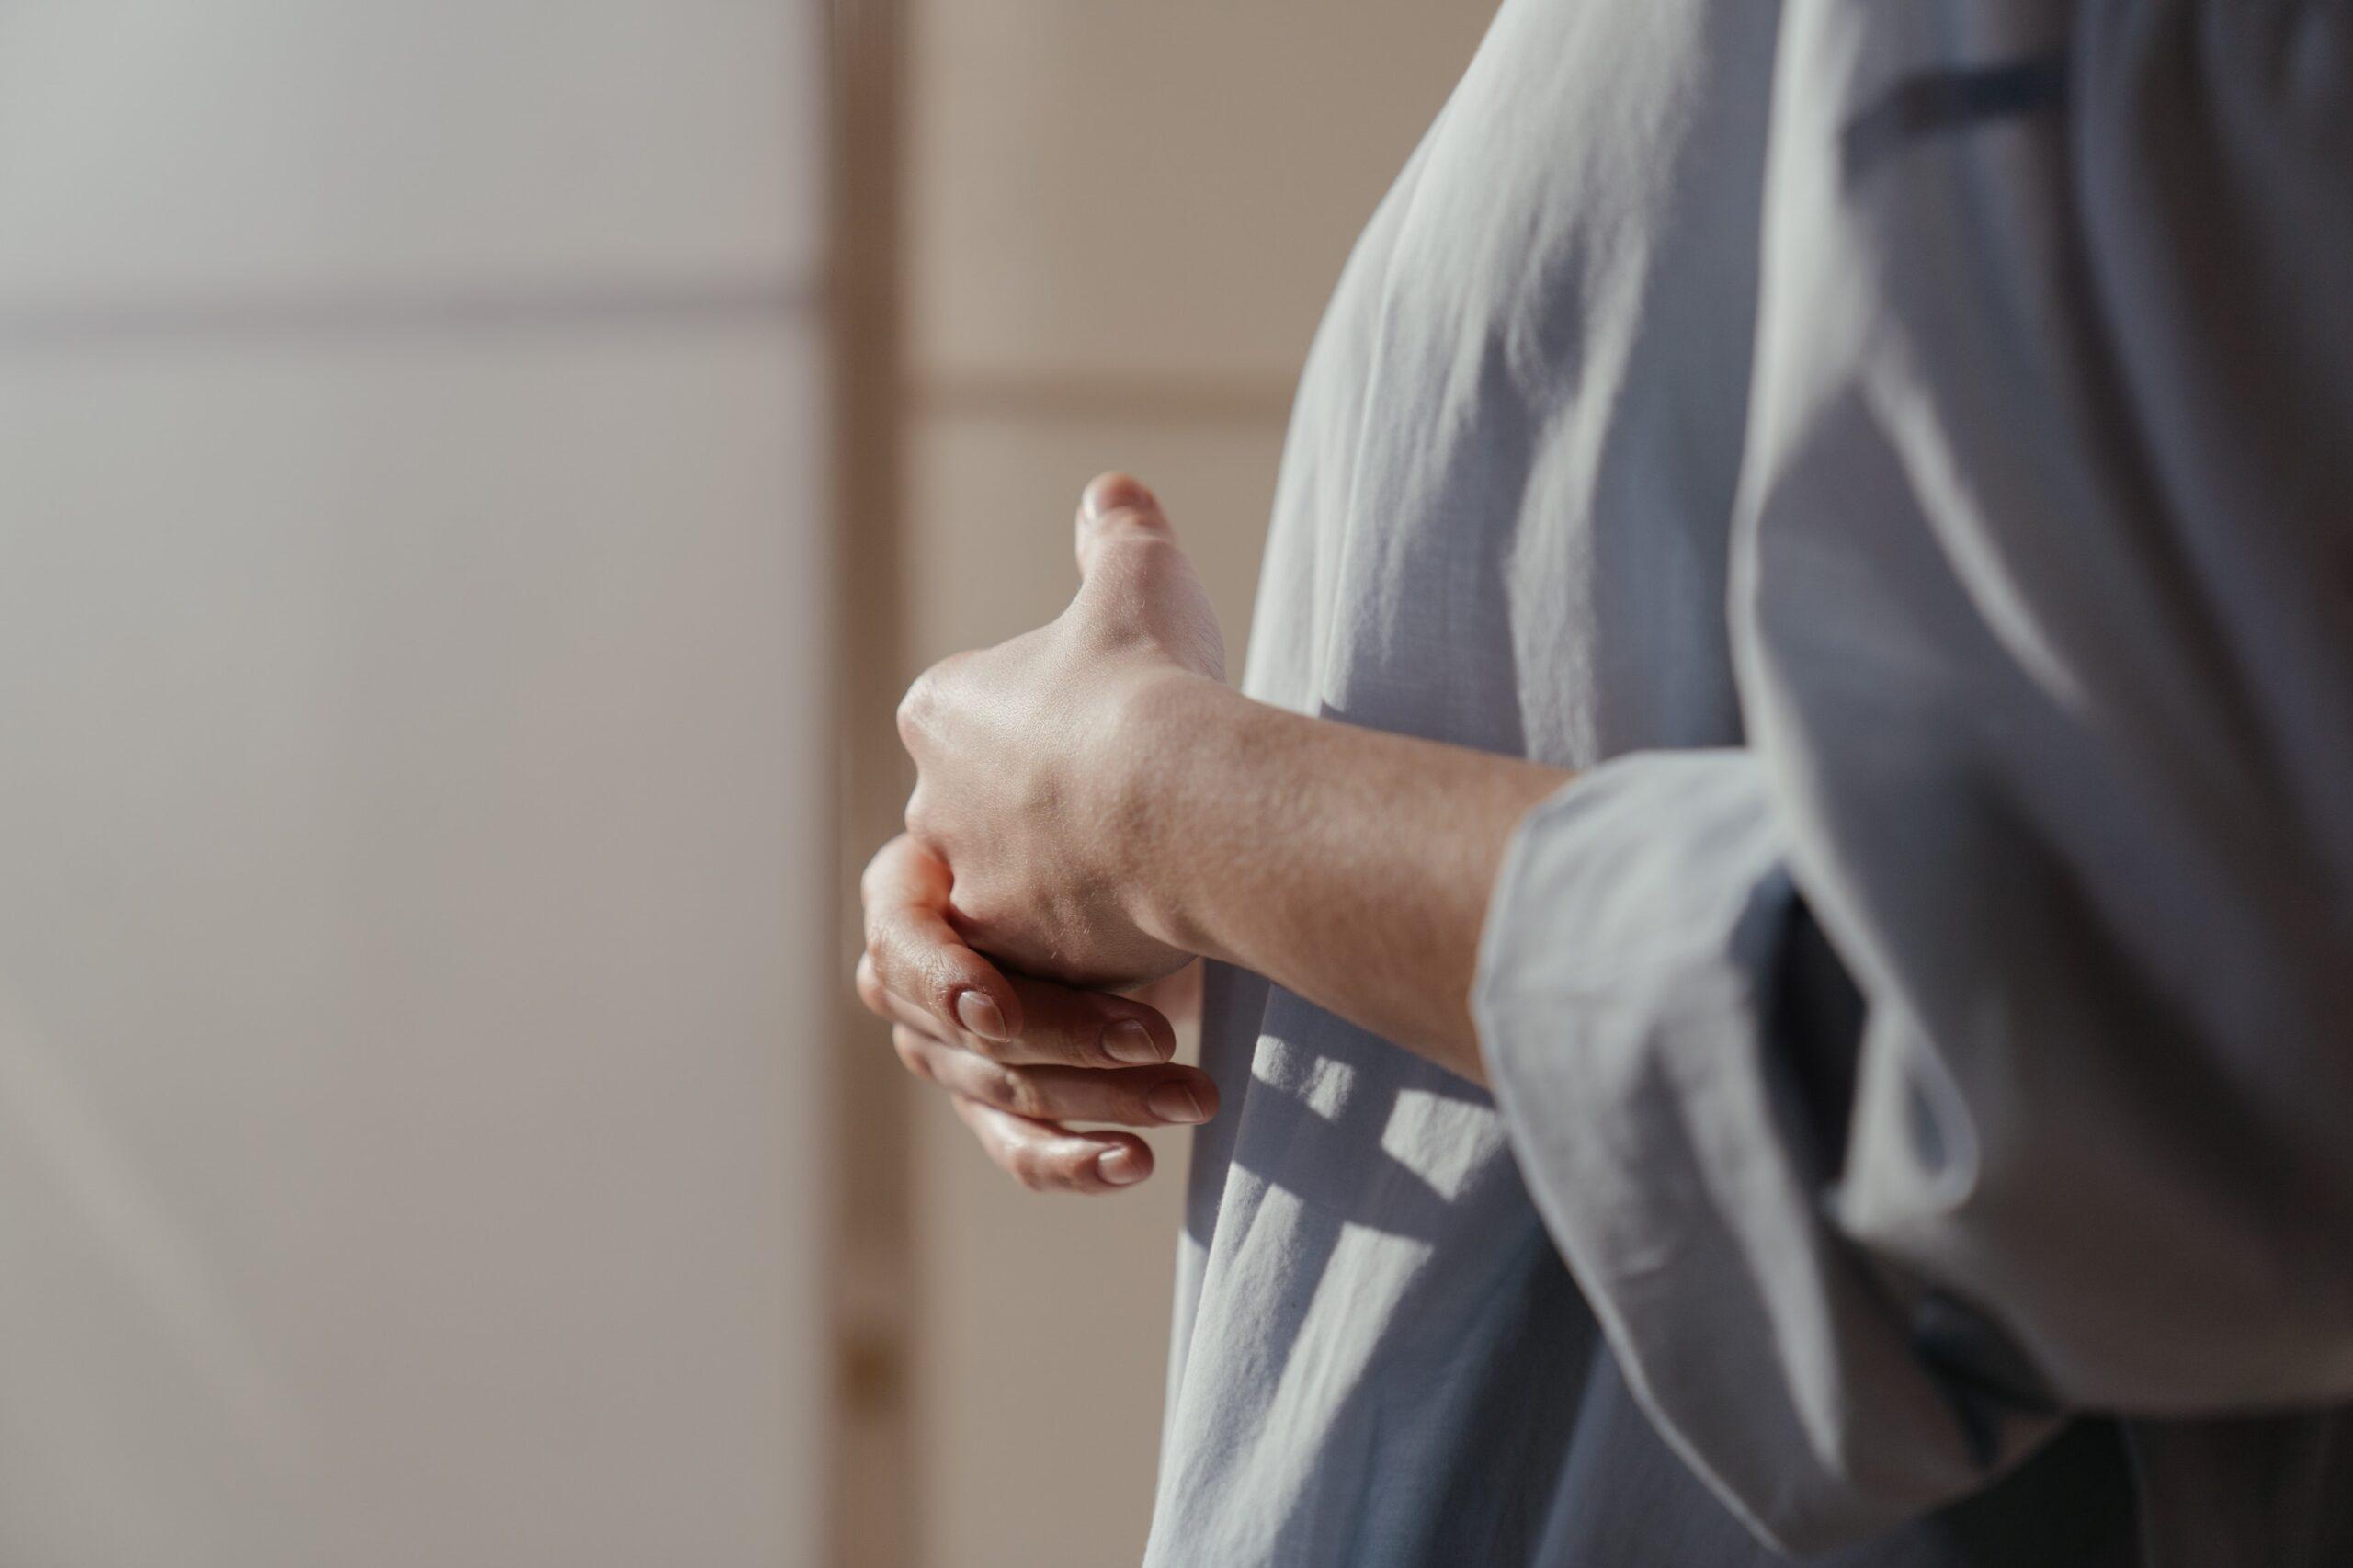 Paura di sbagliare: le radici | Psicologo Sessuologo Rimini Riccione Cattolica Forli Cesena Cesenatico Dott.ssa Roberta Calvi